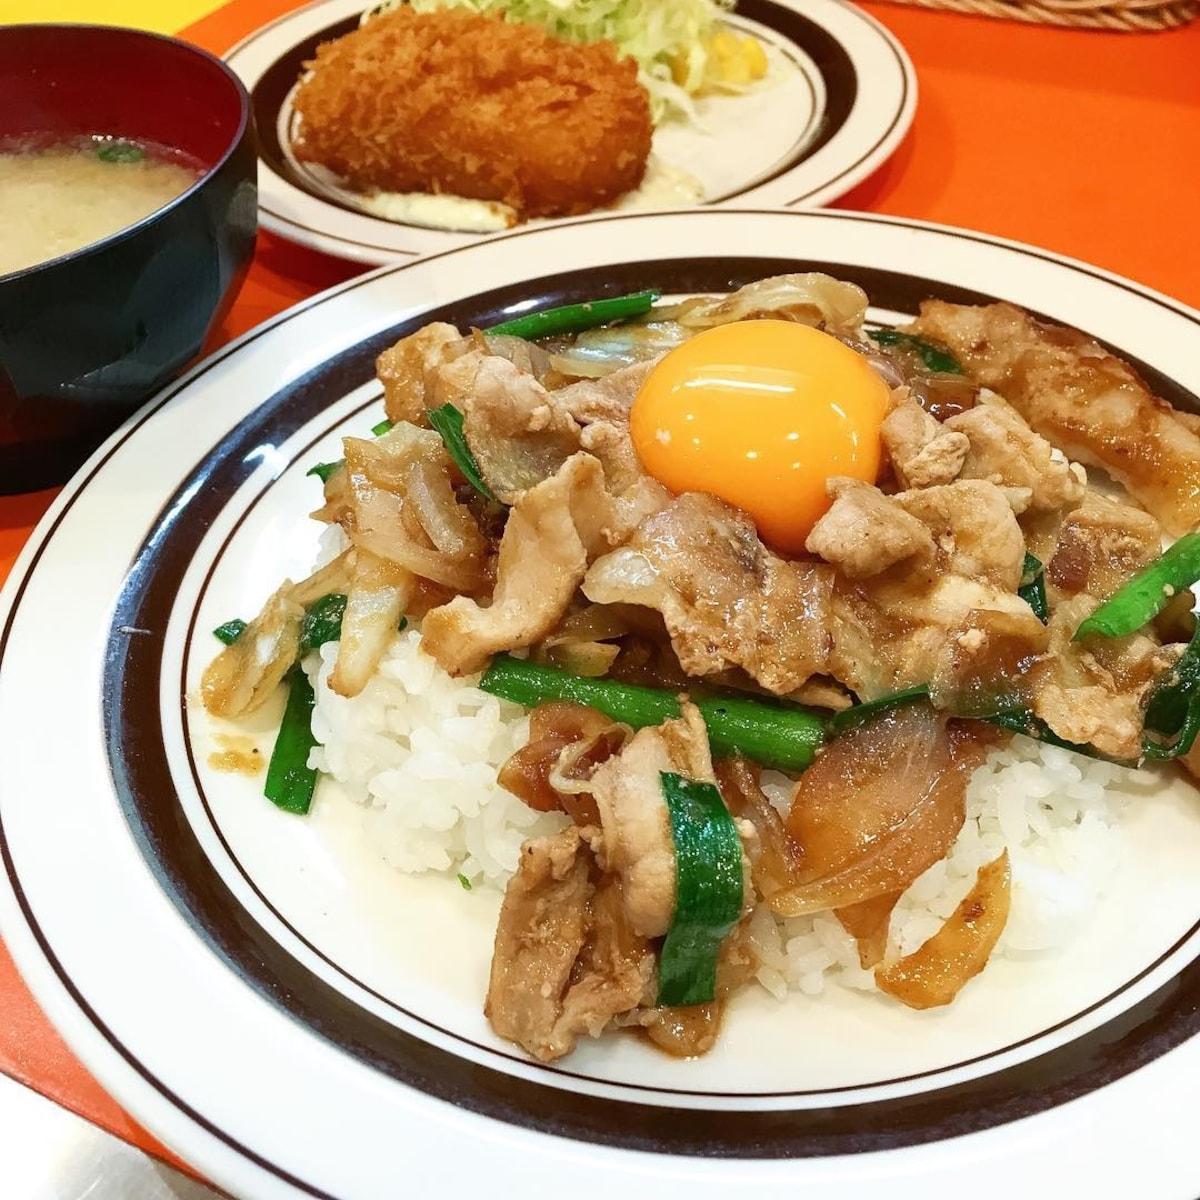 【池袋東口】用超值價格品嘗營養均衡與大份量的定食套餐|キッチンABC 池袋東口店